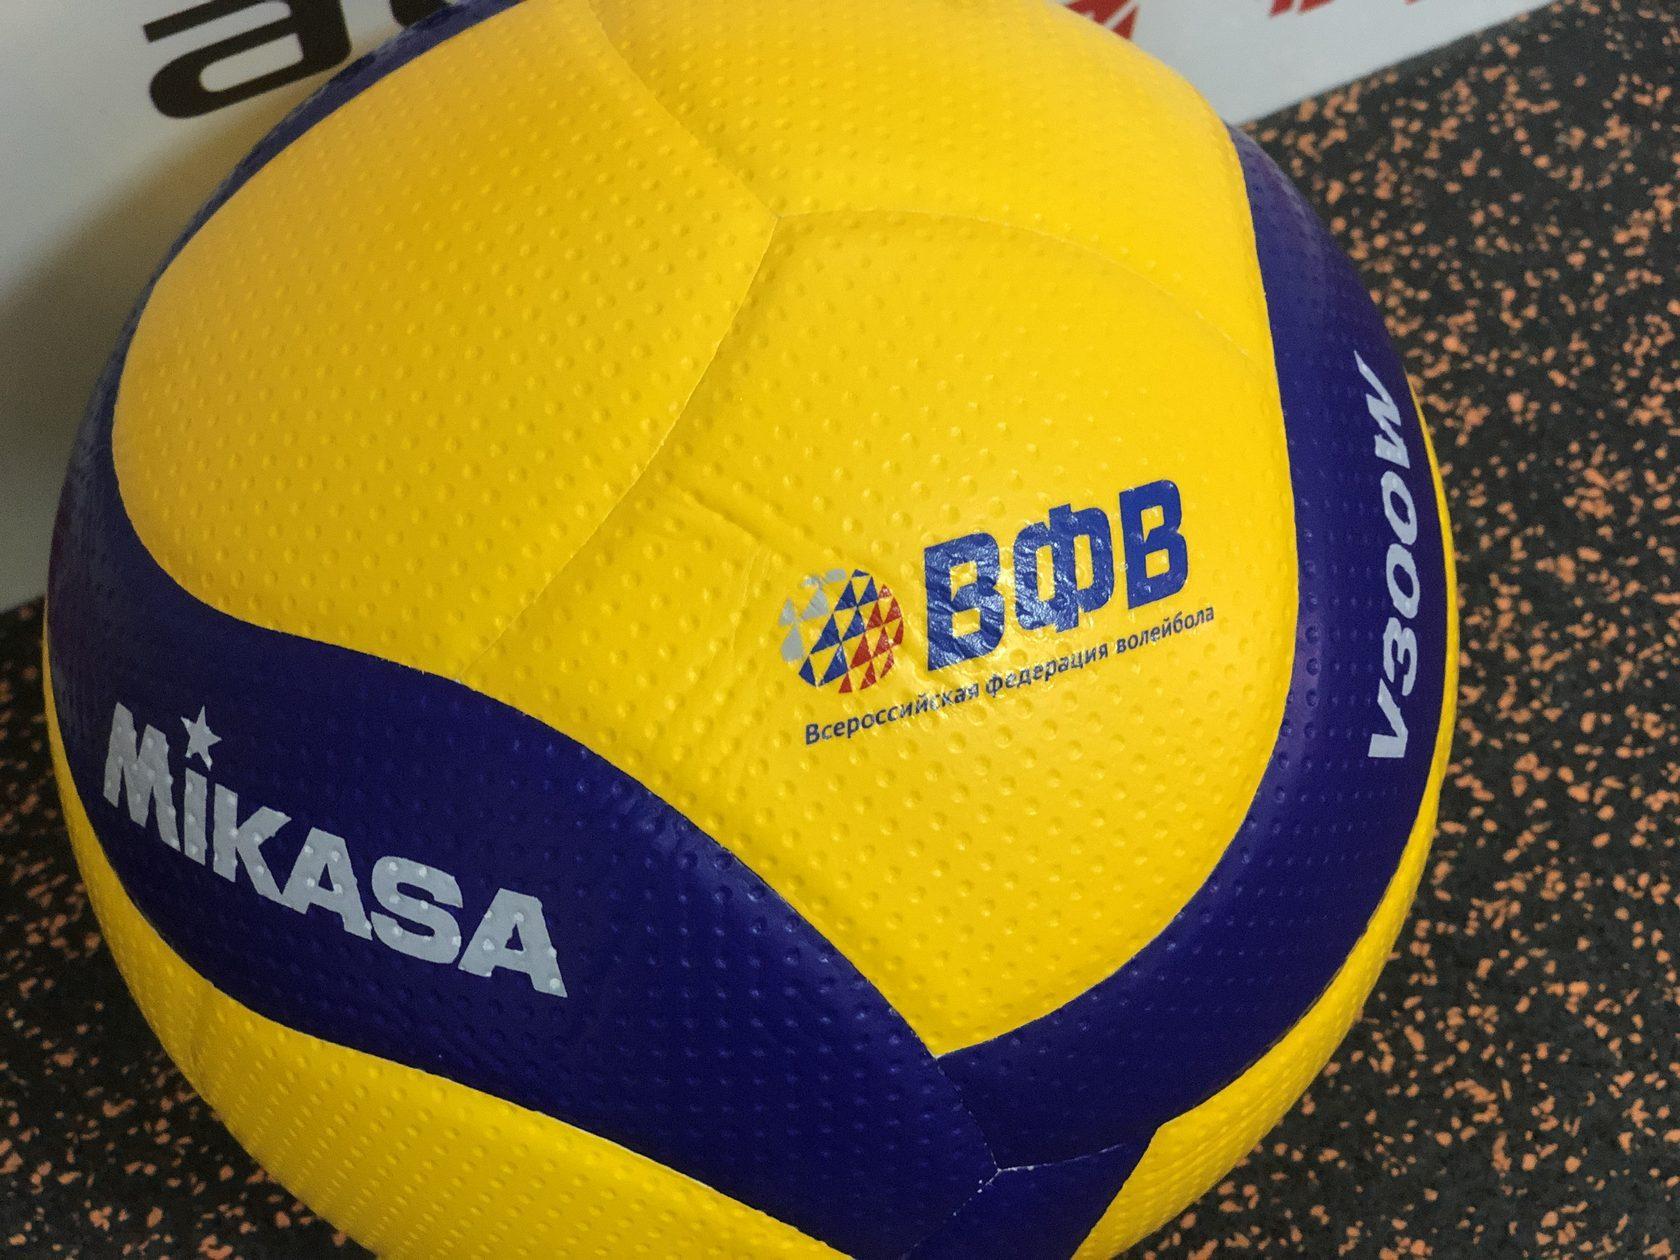 Легендарные и самые популярные волейбольные мячи Mikasa в новом дизайне и с новыми технологиями